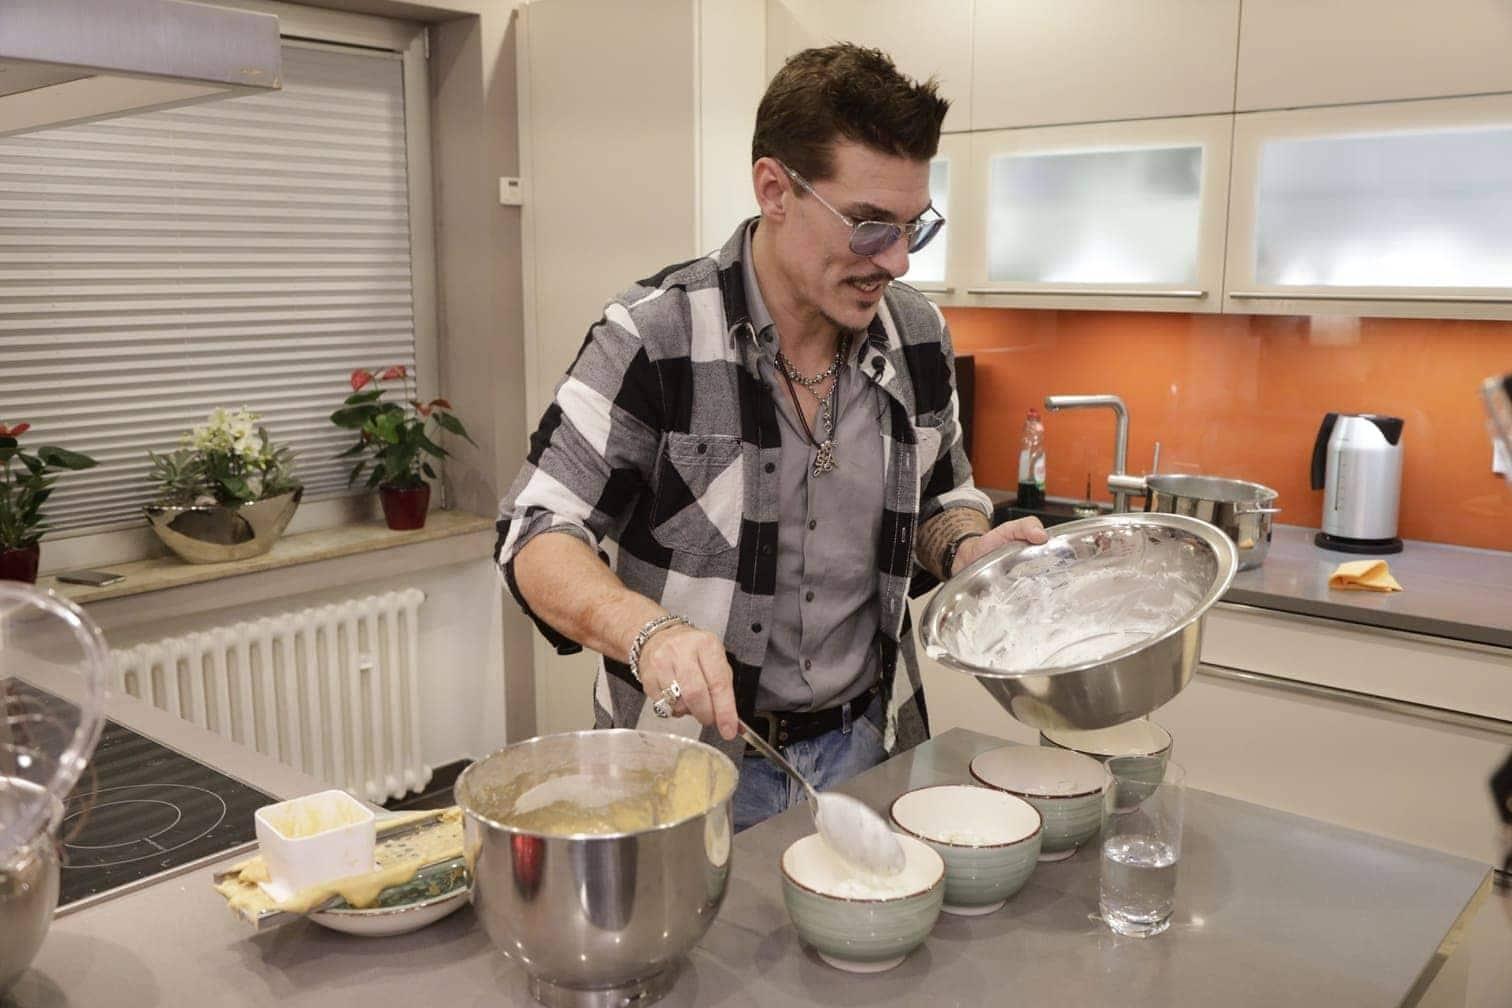 """<p><span class=""""langtext"""">An Tag 3 kocht <strong>Sandra Kiriasis</strong>:<br />Vorspeise: Reiswaffeltürmchen mit roter Bete und Lachsmus an Salat<br />Hauptspeise: Jambalaya Hähnchenschenkel mit Spicy Bohnenmus und Indian Summerreis und gerösteten Pistazienkernen<br />Nachspeise: Milchreis mit marinierten roten Früchten und Eierschecke</span></p> Foto: TVNOW/Dirk Born"""